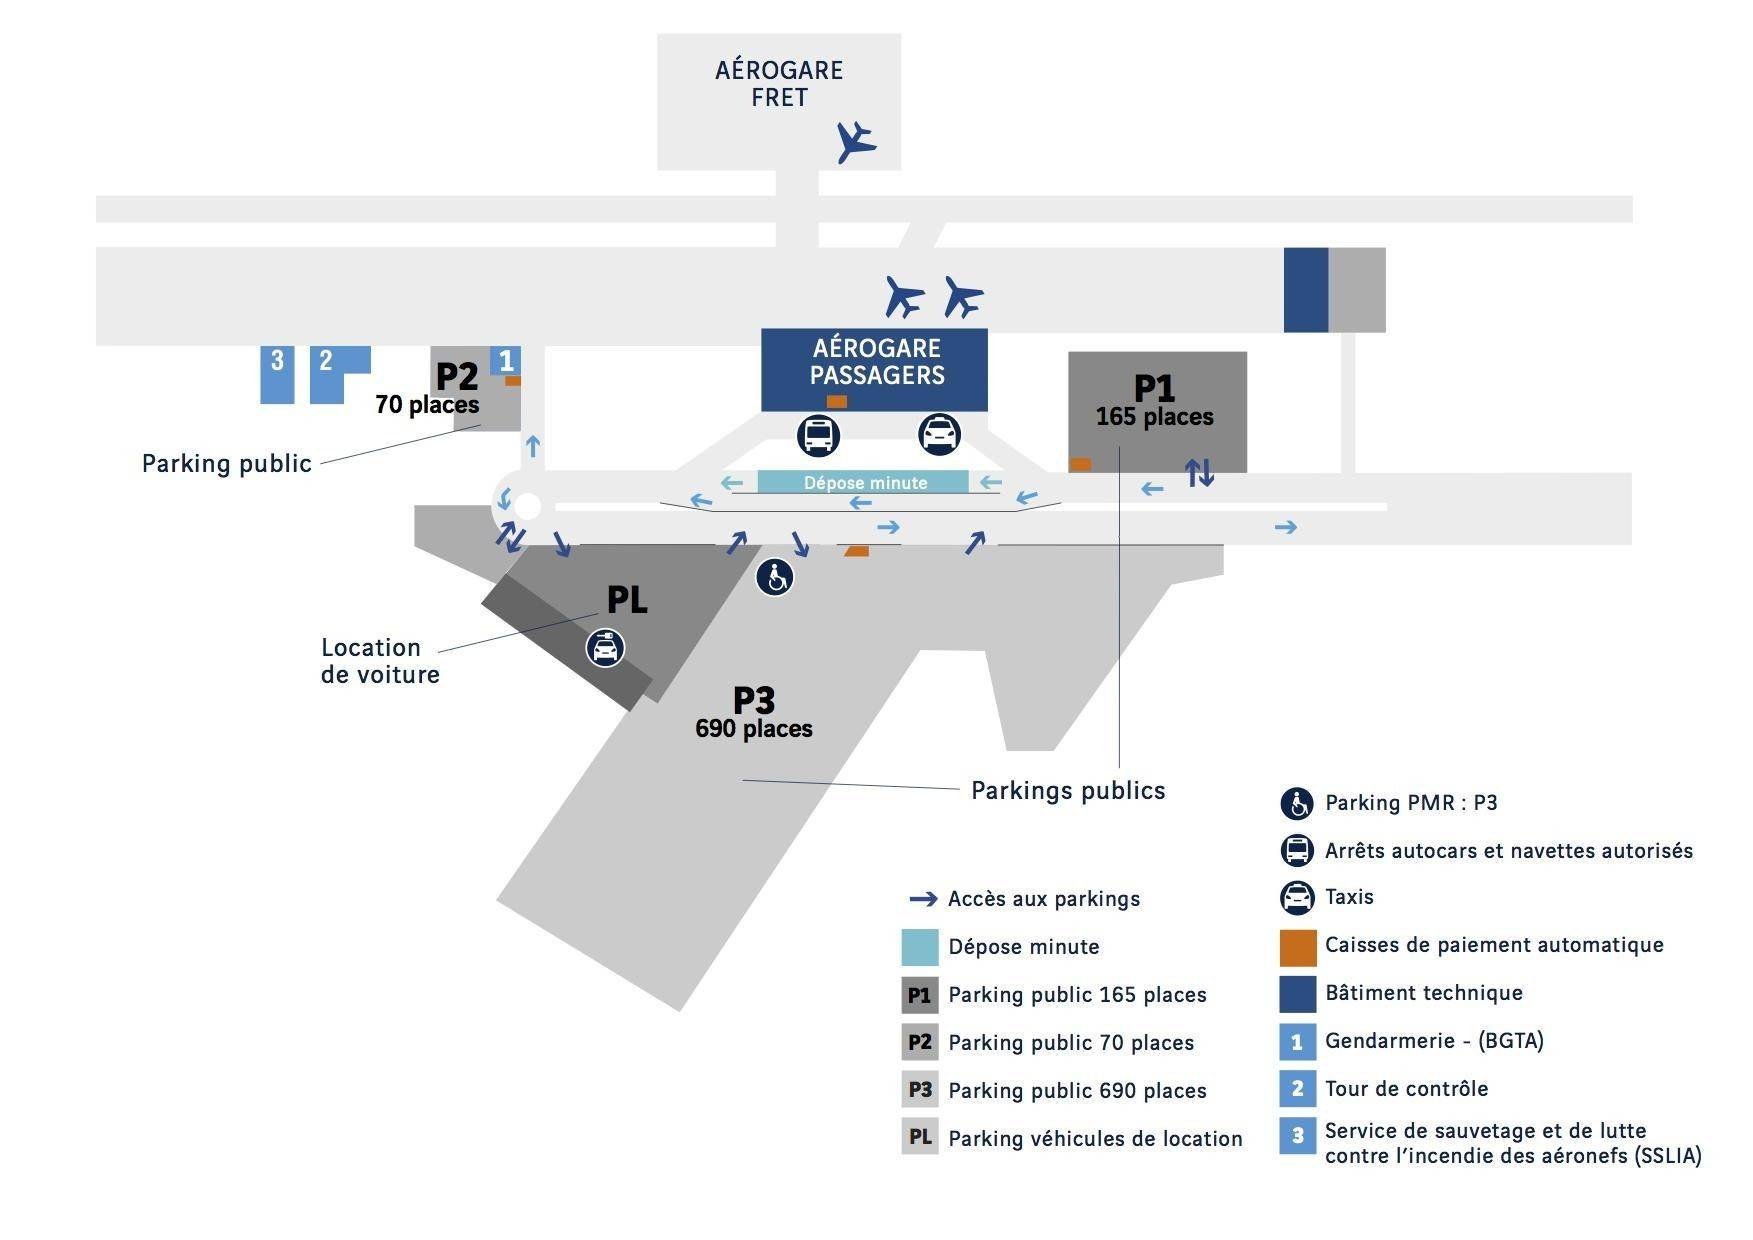 Аэропорт штутгарта: схема терминалов и предоставляемые услуги